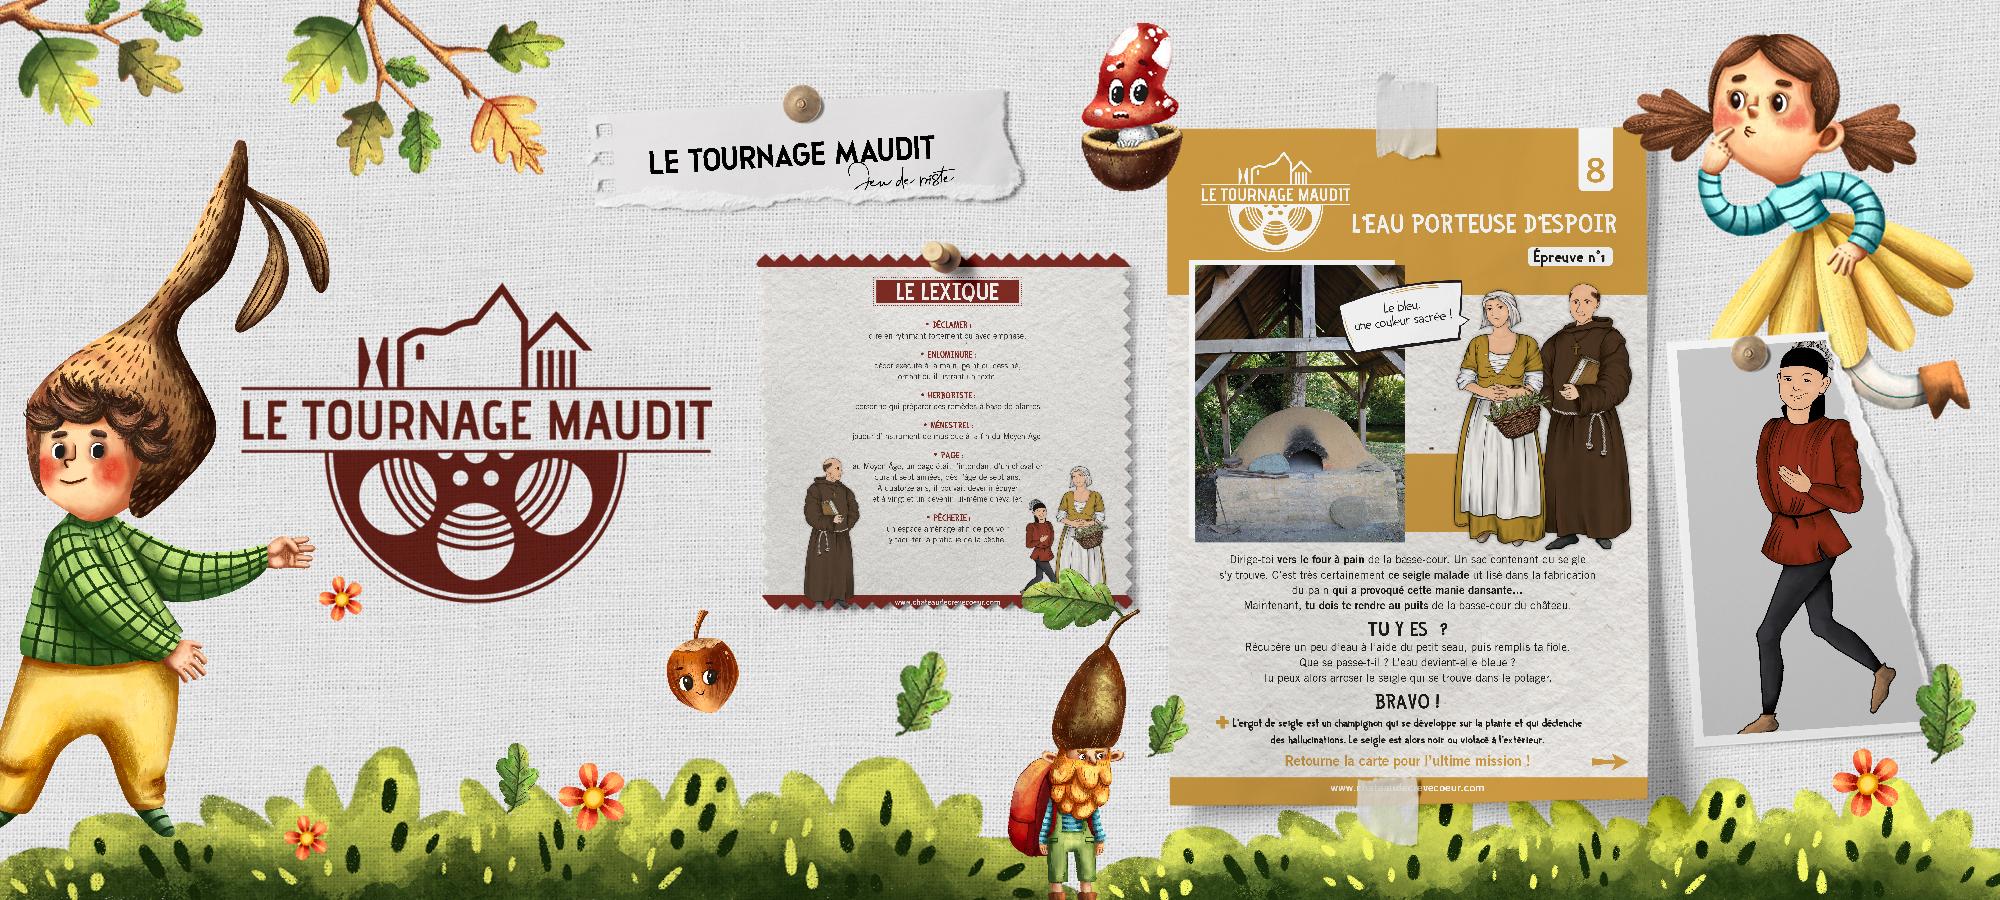 TOURNAGE MAUDIT © Château de Crevecoeur